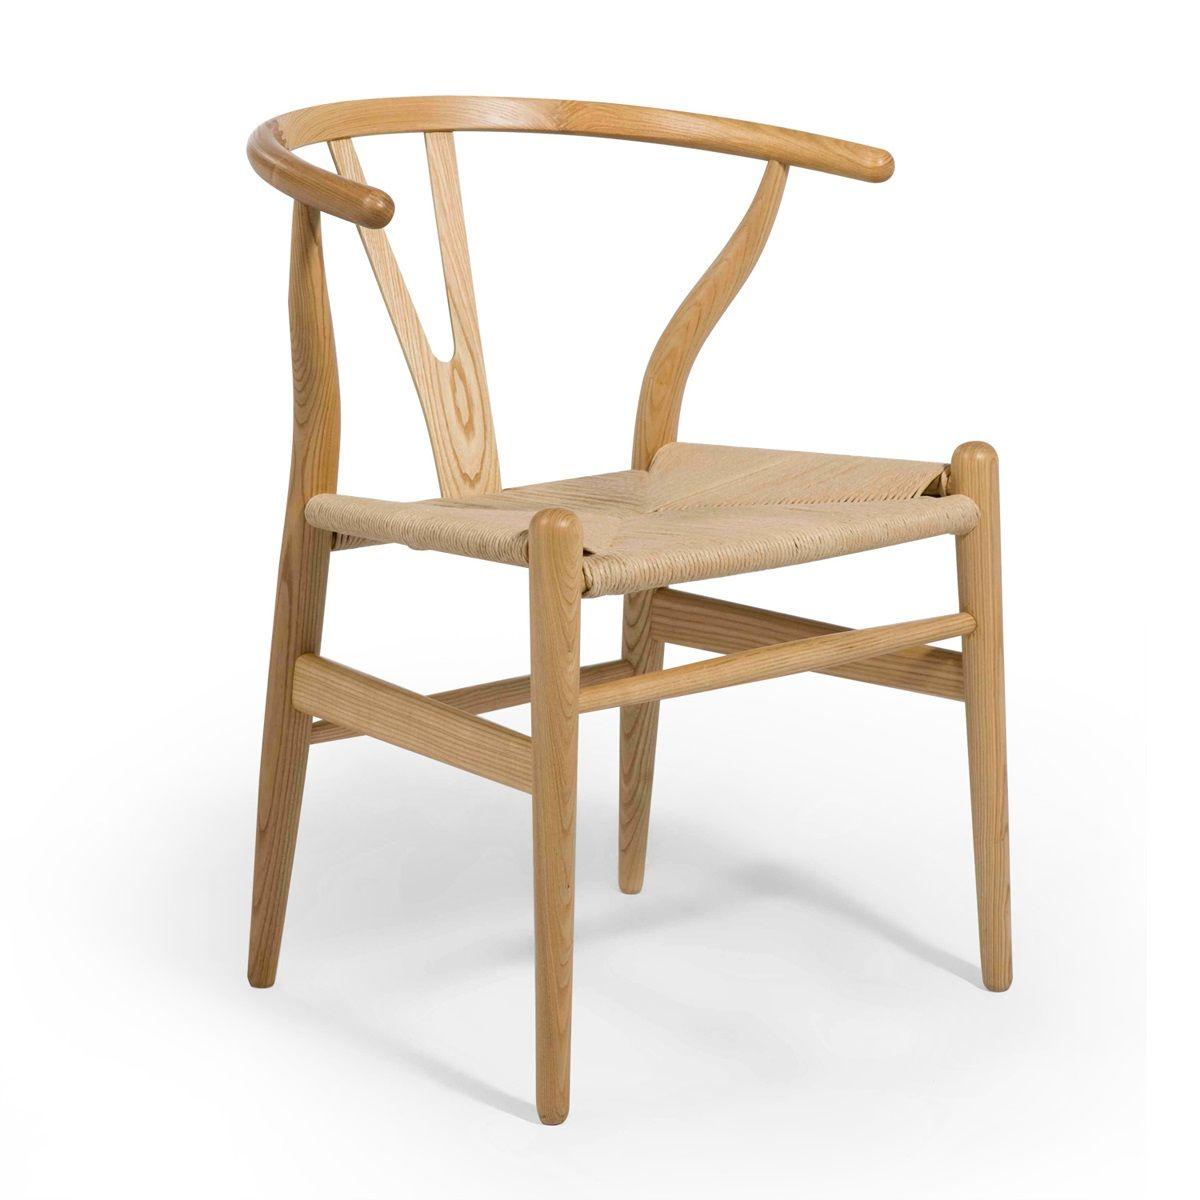 Hans wegner ch24 wishbone chair set of 2 wishbone